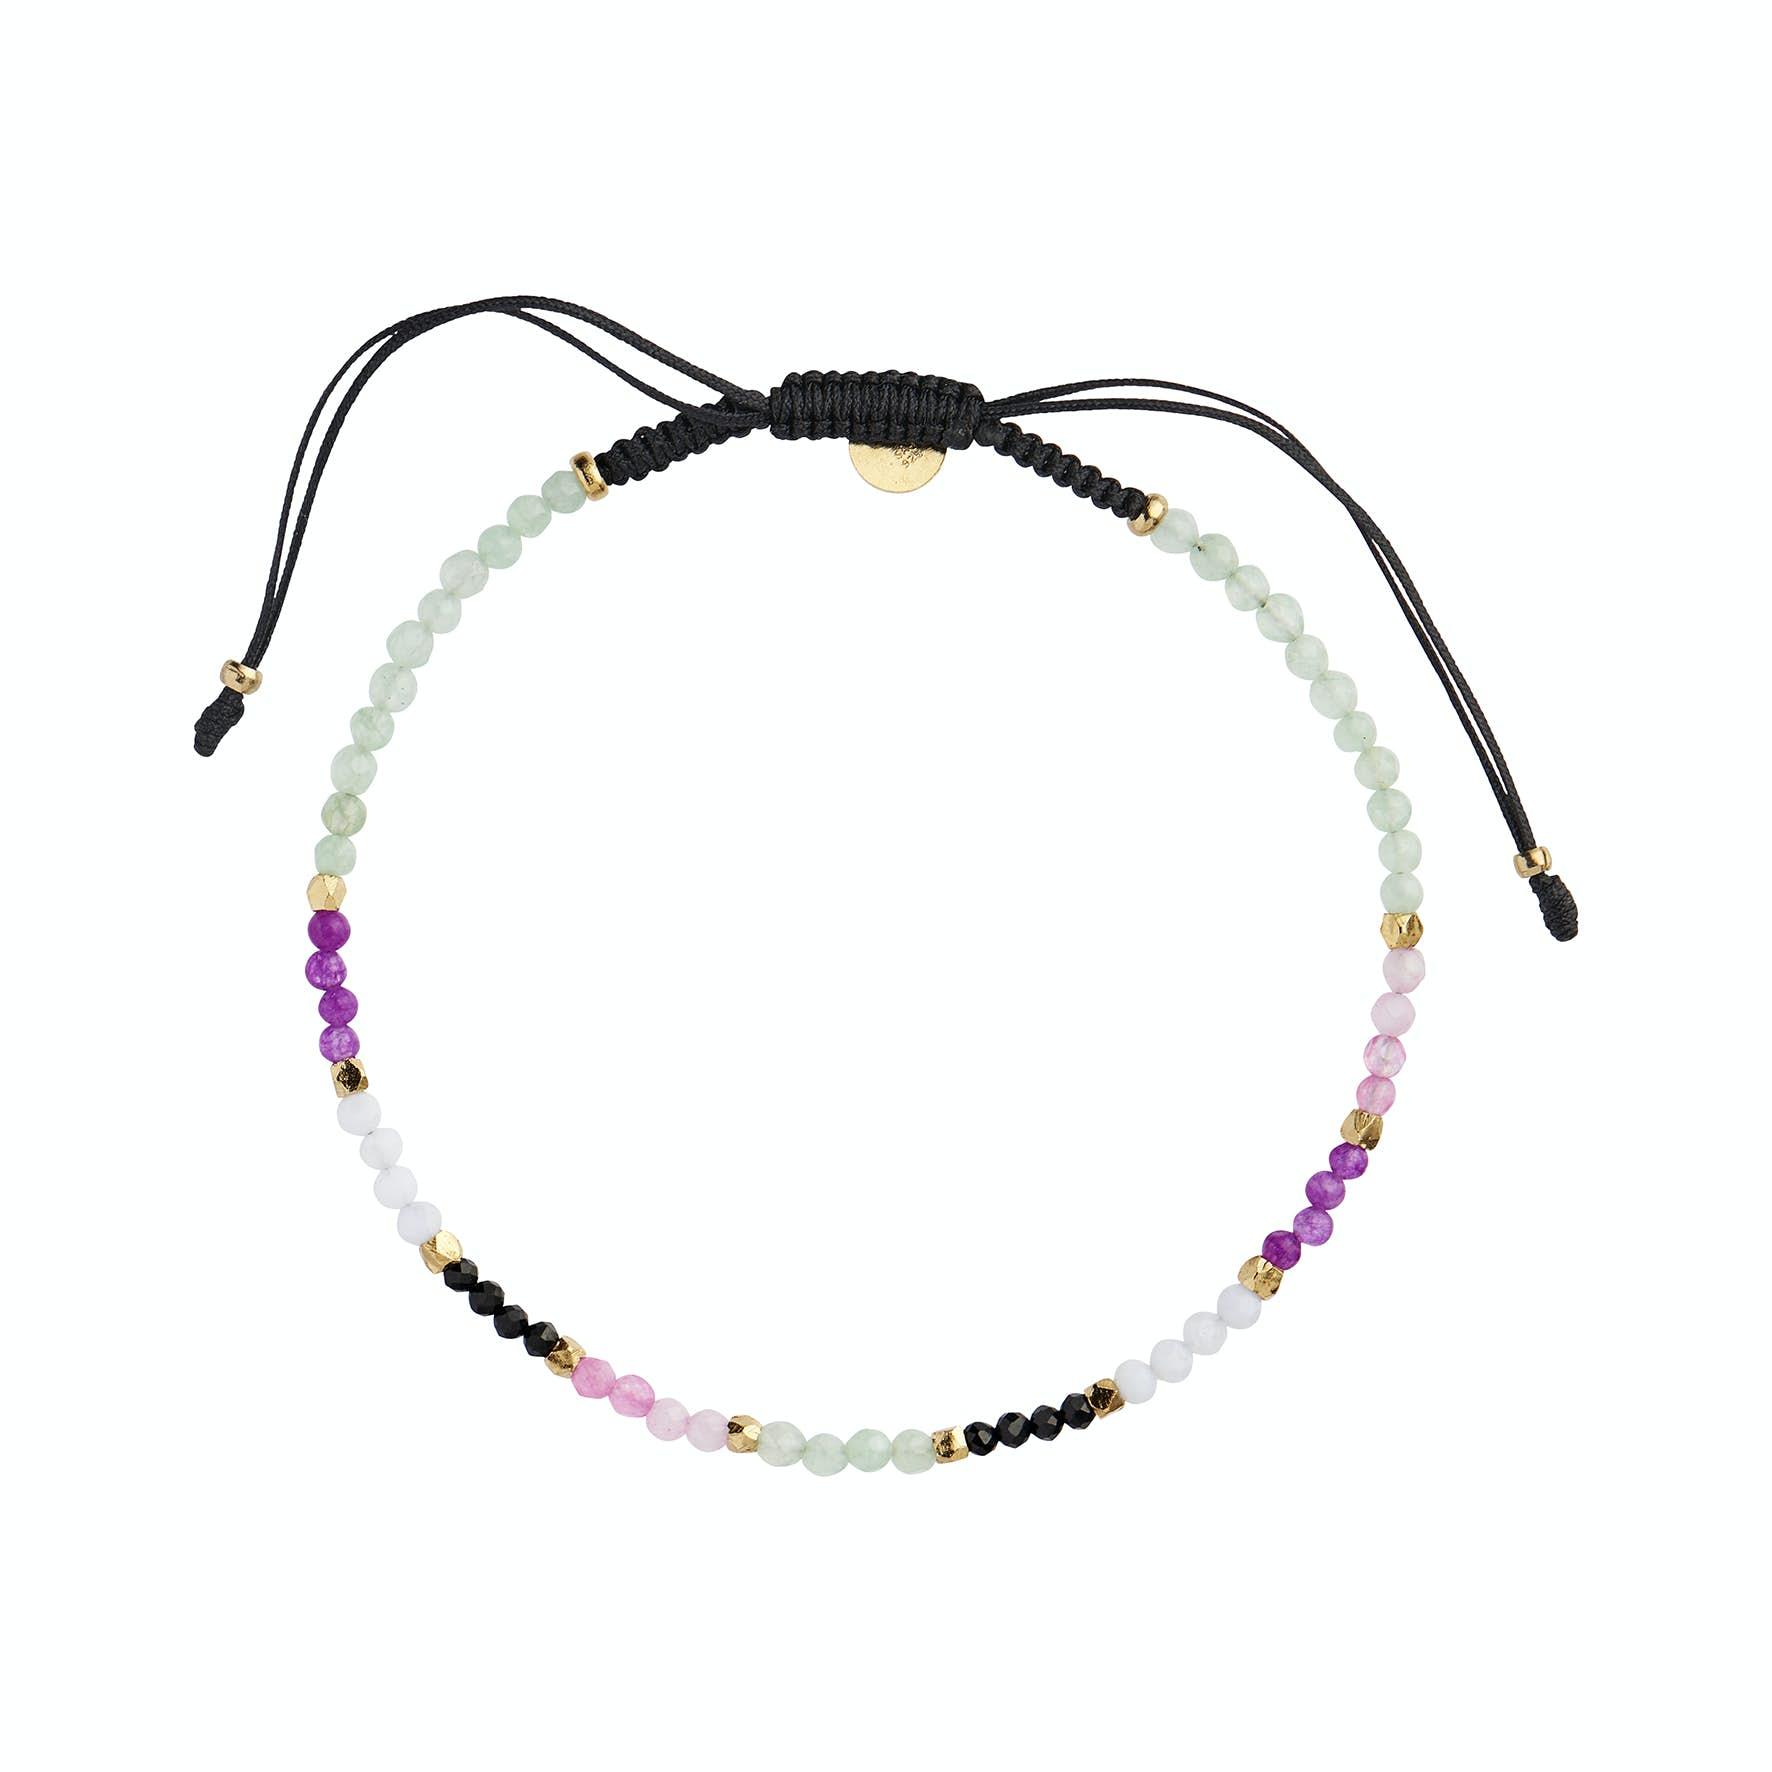 Mint Green Rainbow Mix Bracelet With Black Ribbon fra STINE A Jewelry i Nylon